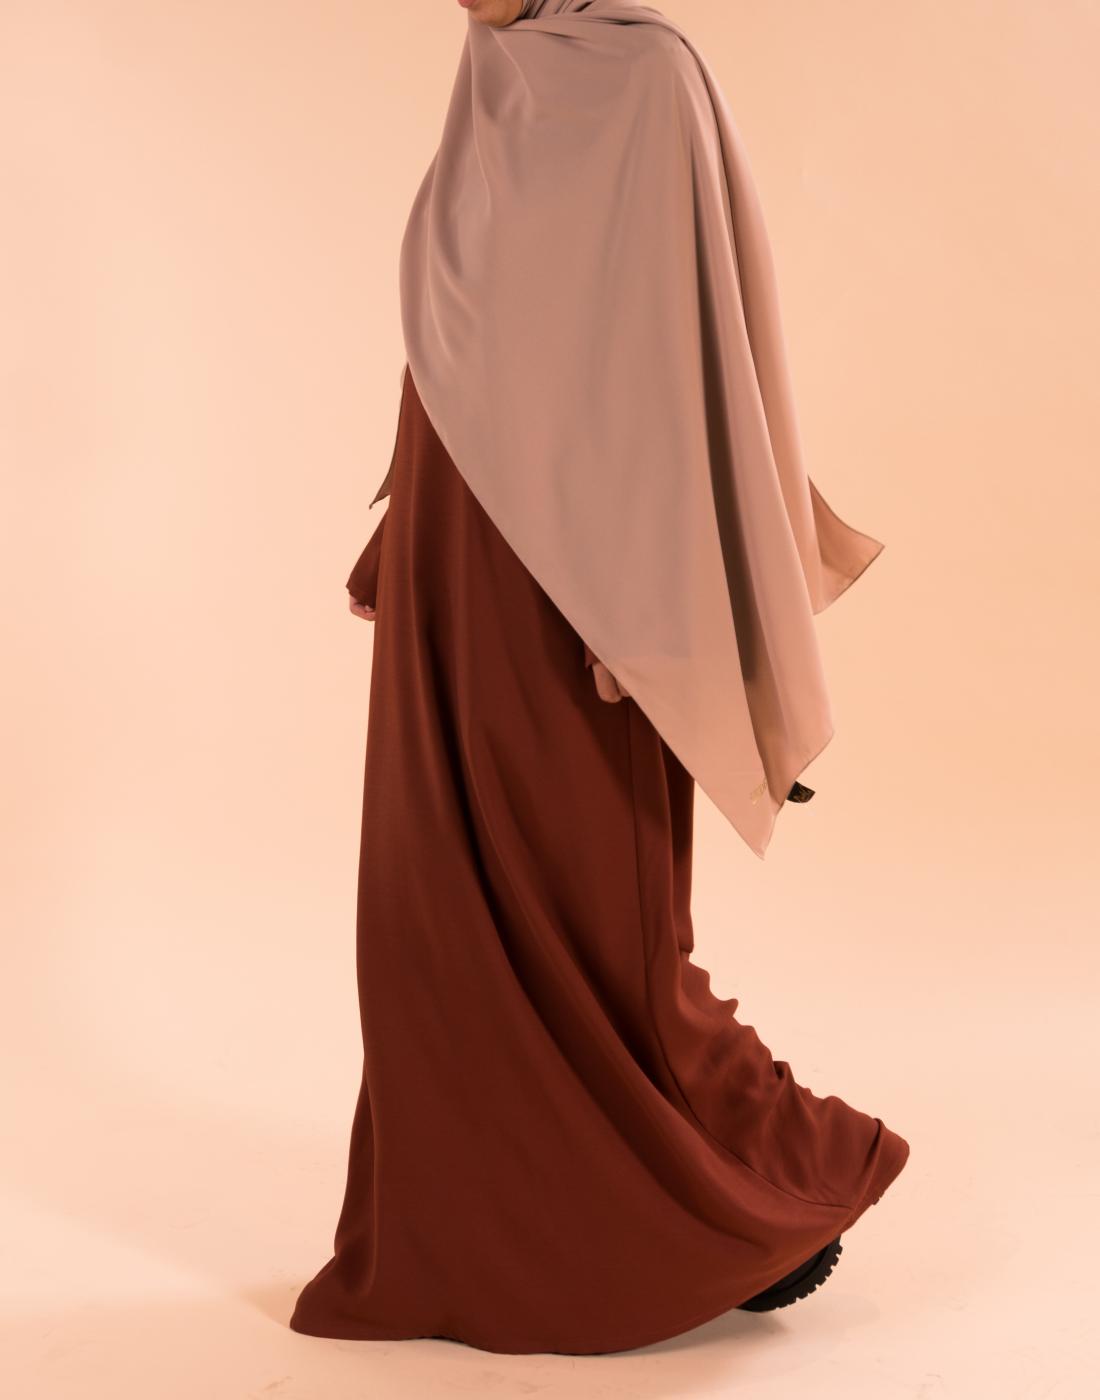 robe_droite_rouille_hijab_soie_de_medine_sable (2)